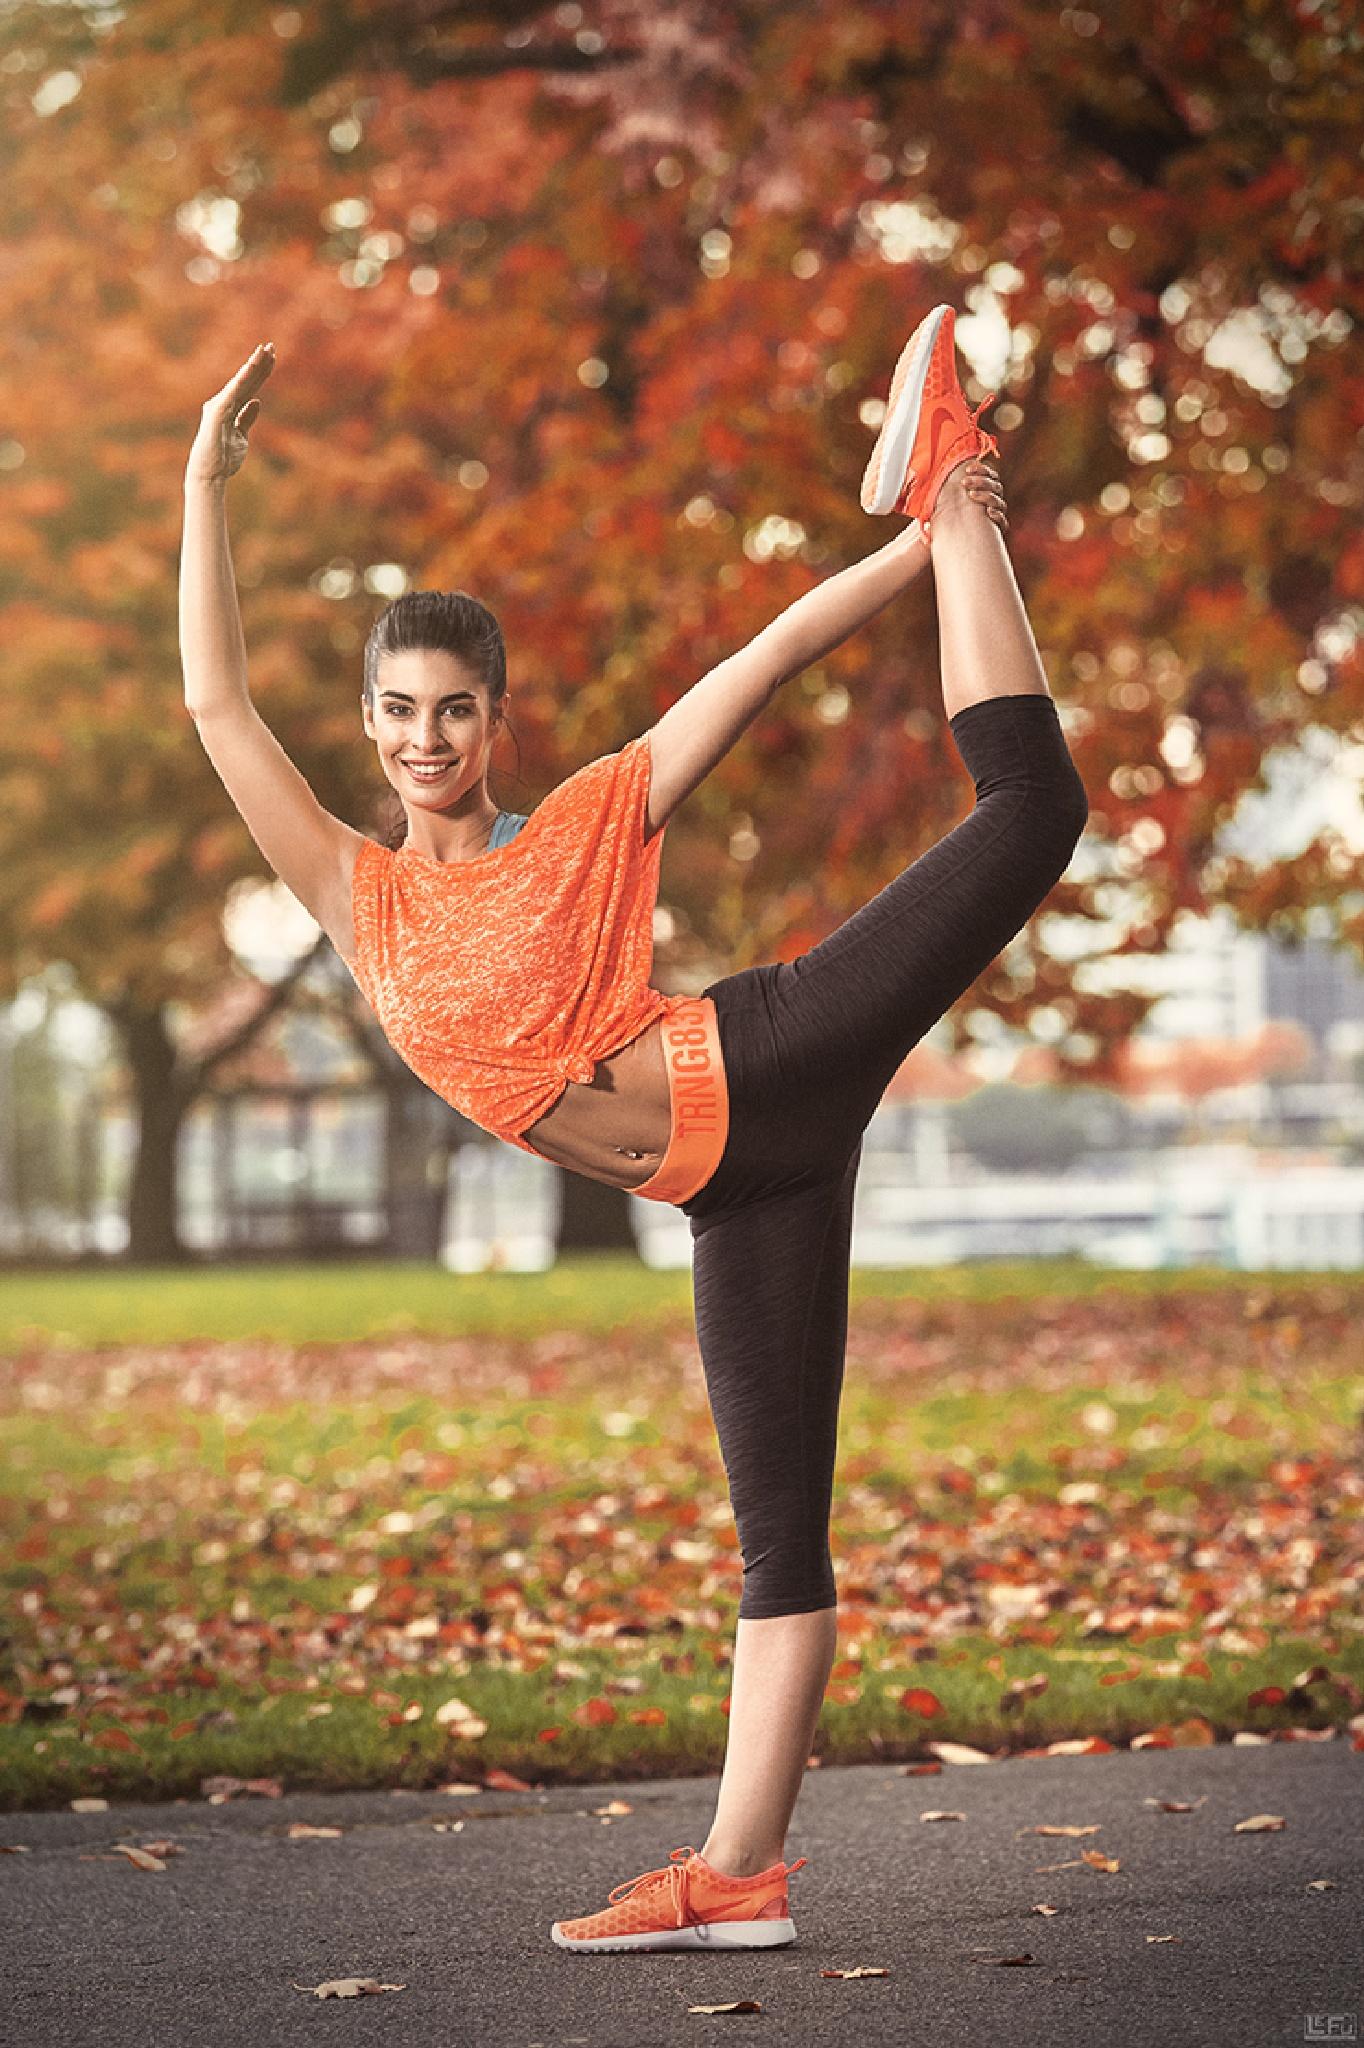 Gymnastics Outdoors - I by LeFu